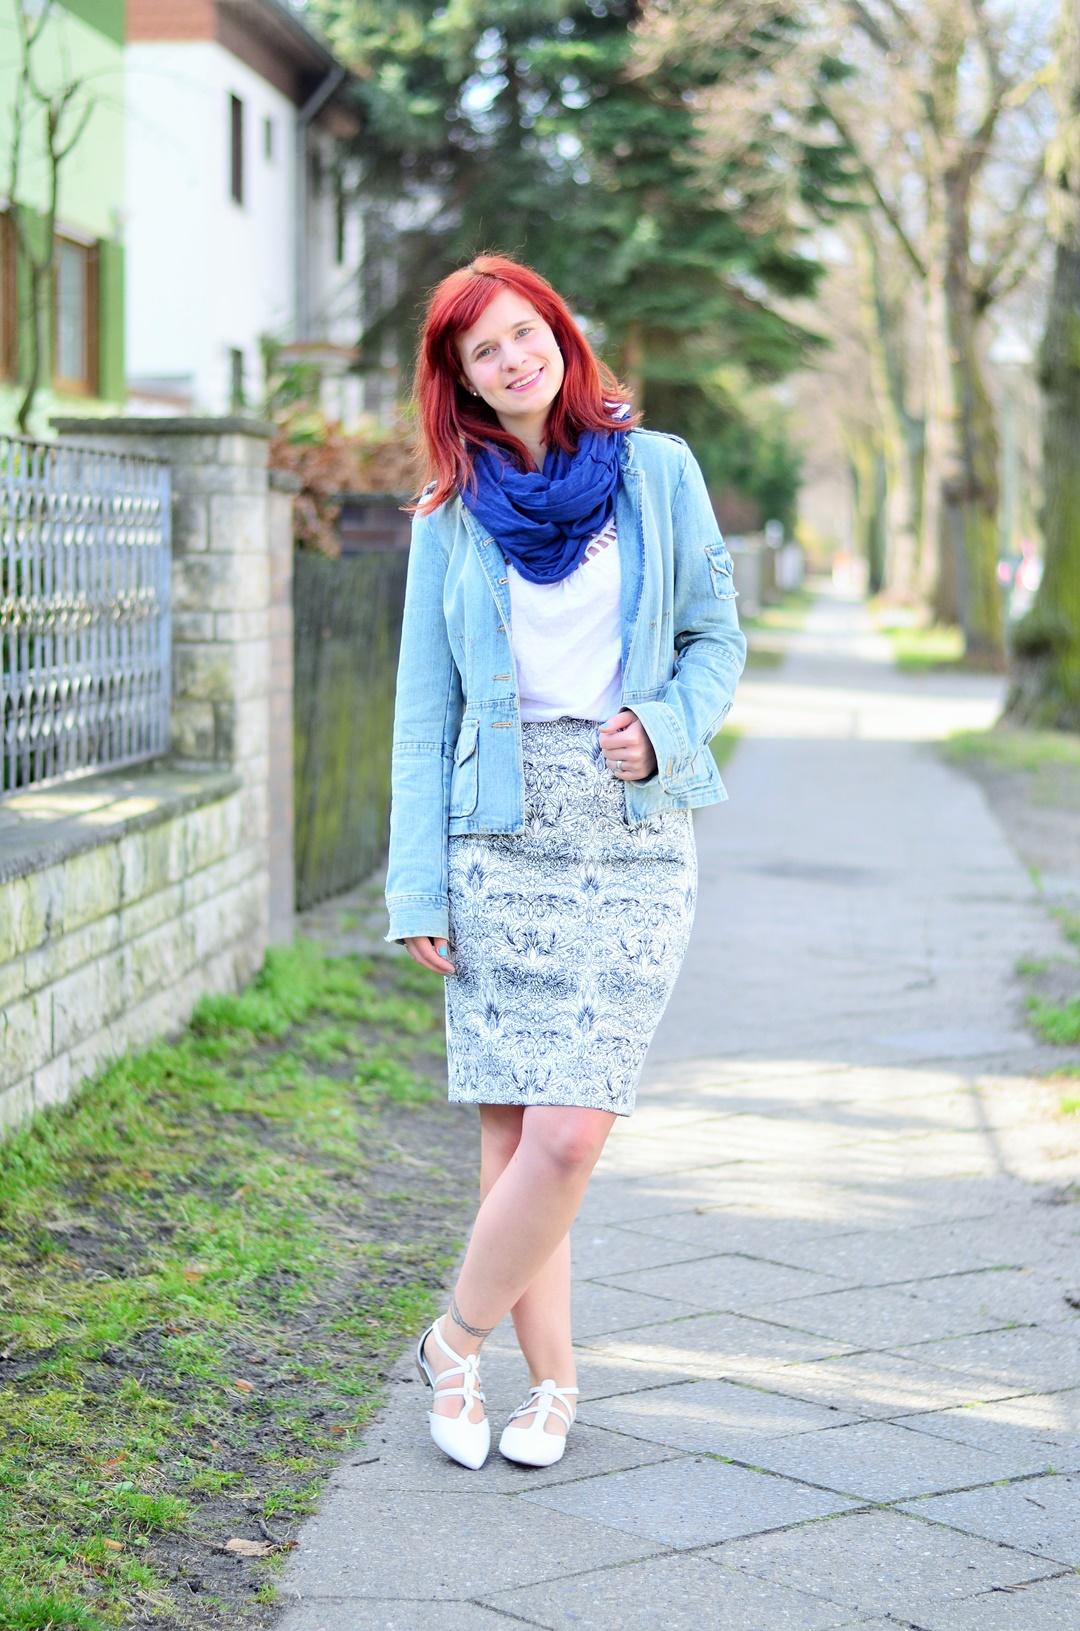 blauer Bleistiftrock_Outfit mit Bleistiftrock_blau weißes Outfit_schickes Outfit mit Rock_Bleistiftrock kombinieren_rothaarige Bloggerin_Annanikabu_1 (3)